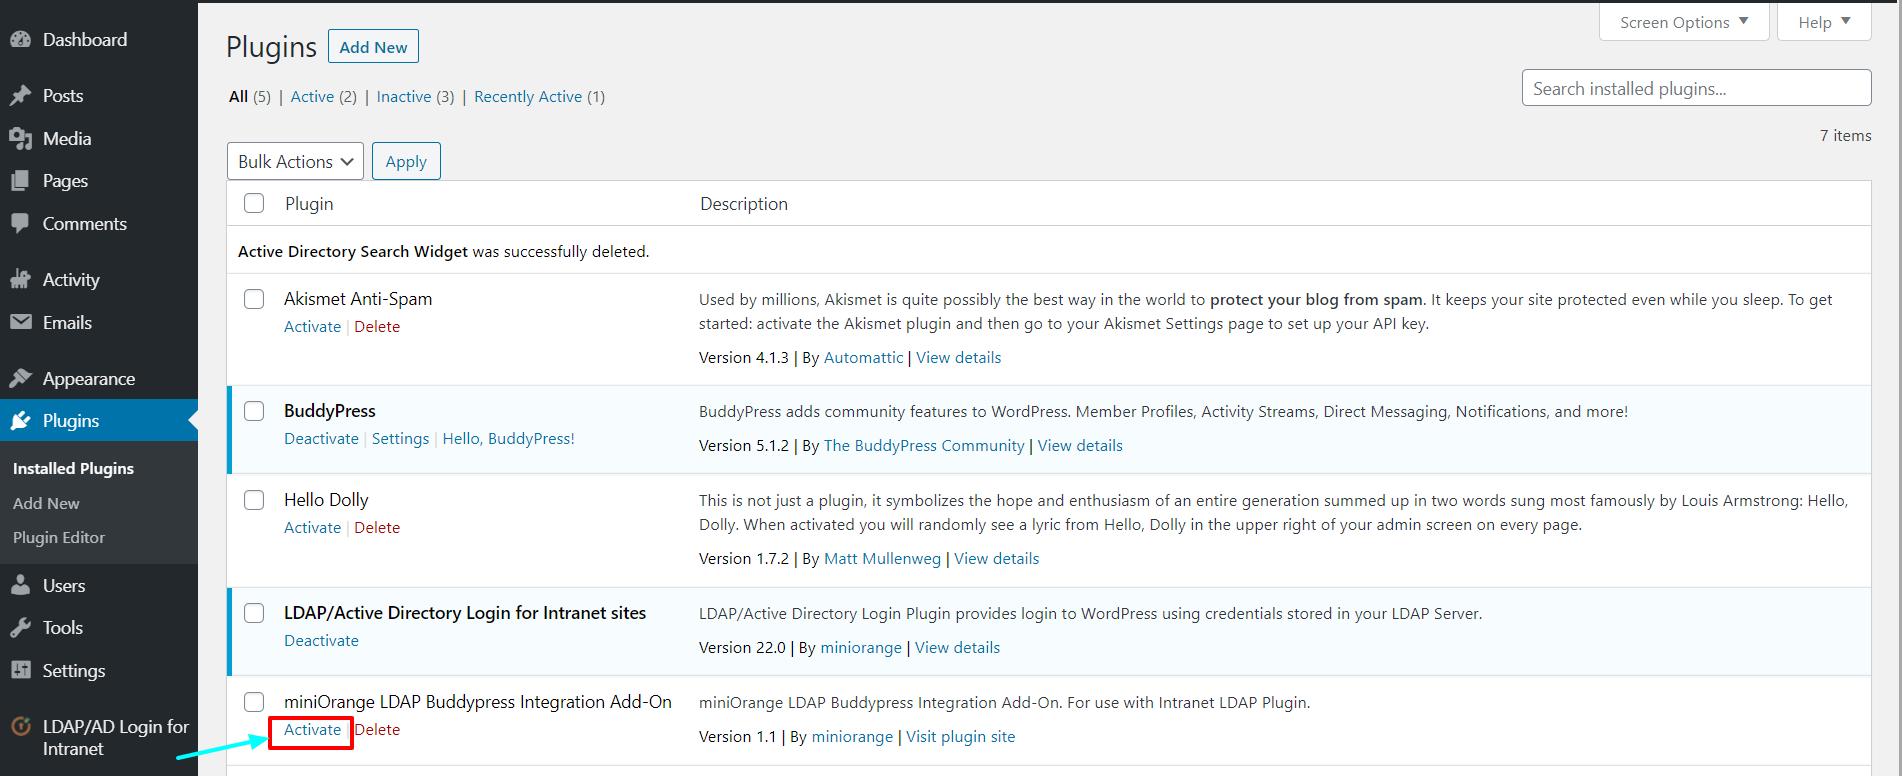 LDAP BuddyPress integration activate